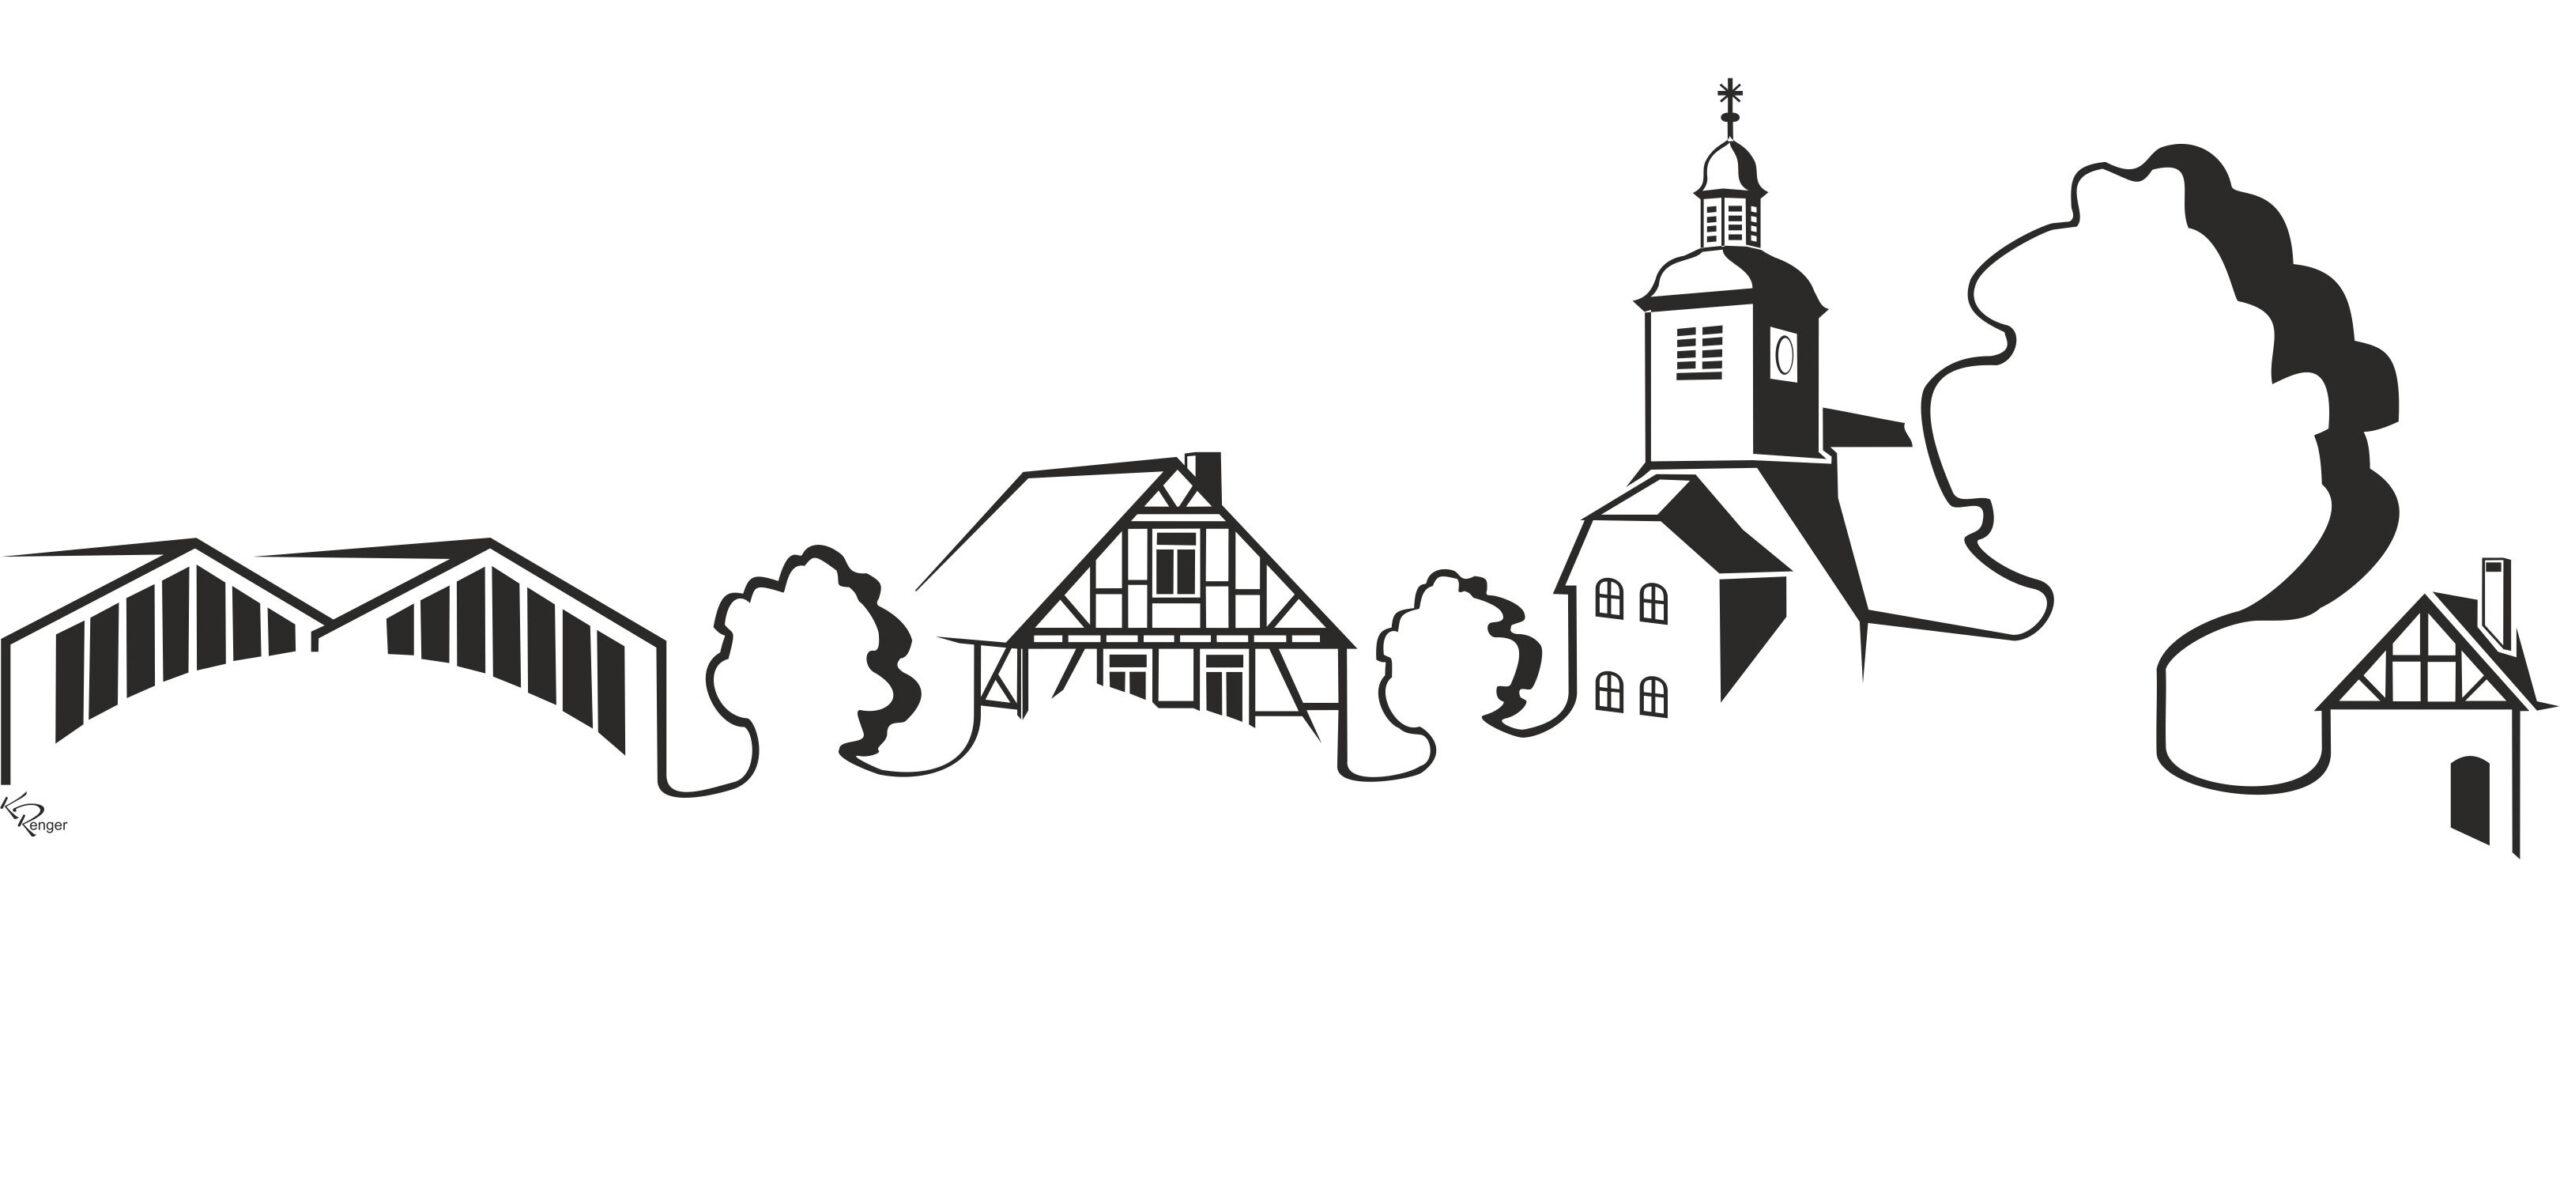 50 Jahre Eingliederung von Oppenrod nach Großen-Buseck